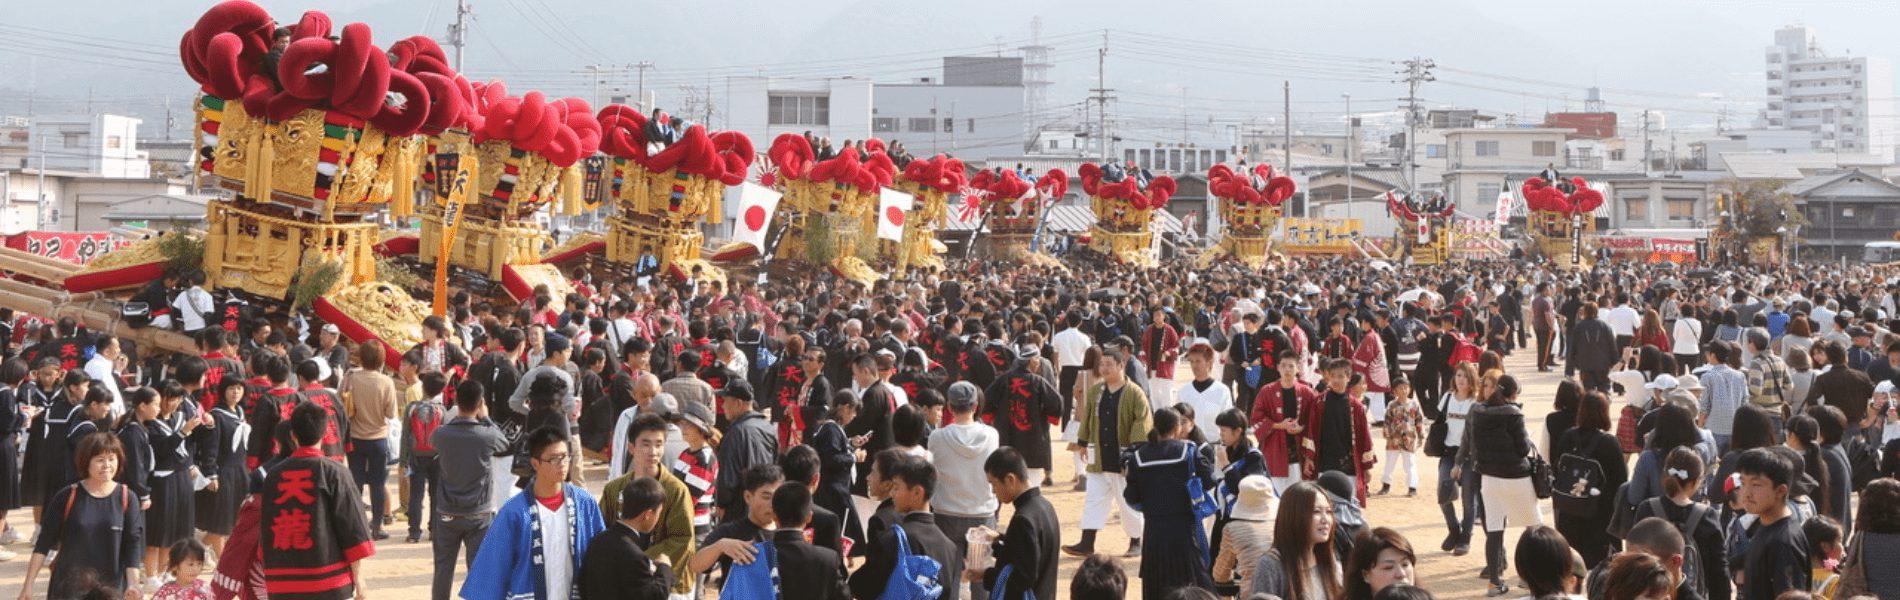 伊予三島秋祭実行委員会1